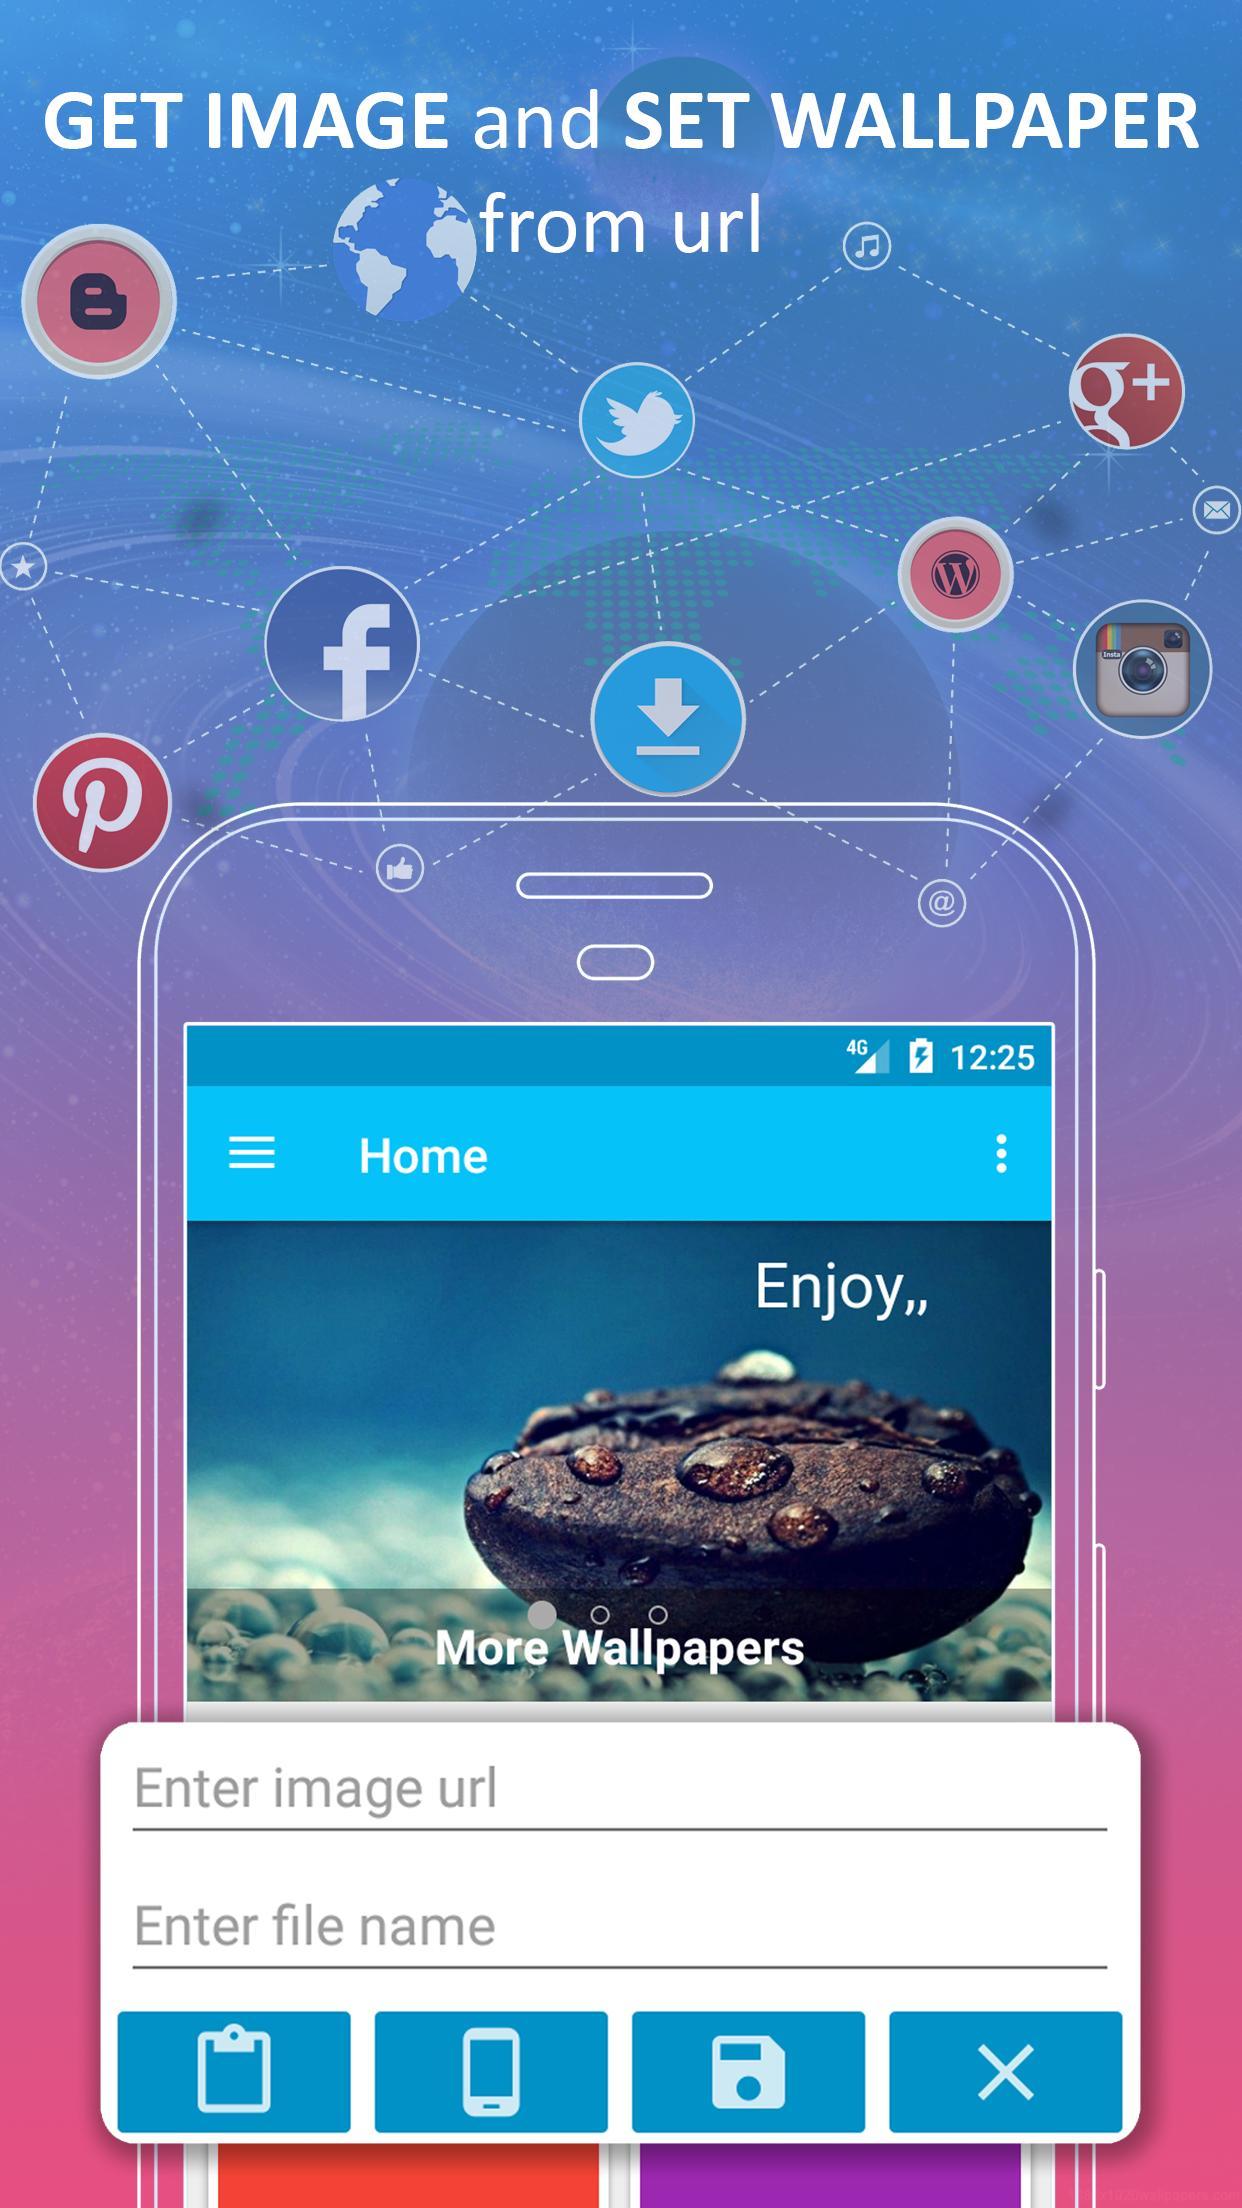 Sfondi Romantici Amore Coppia Hd Sfondo 4k For Android Apk Download